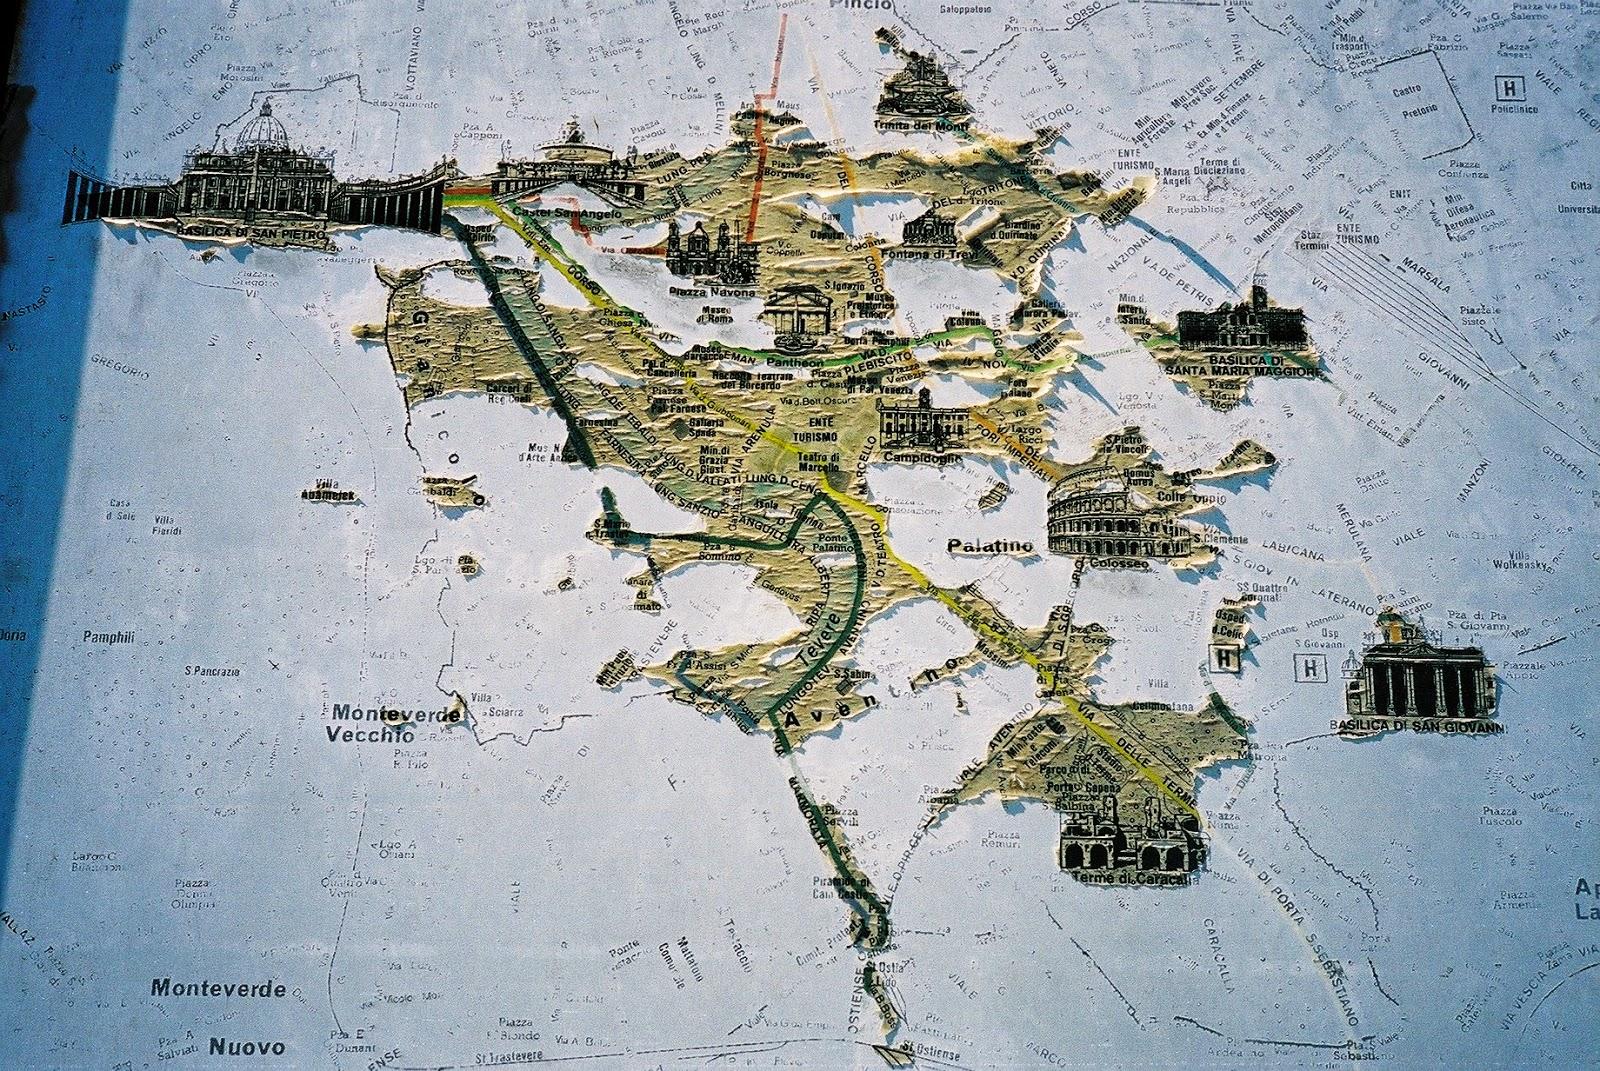 ROME, ITALY, VATICAN CITY, TOURISM, EUROPEAN UNION, EURO, PAPA FRANCESCO, CULTURE, ITALIAN CULTURE, DOLCE VITA, GLOBAL TOURISM, UNESCO HERITAGE SITES, © VAC 100 DAYS 4 MILLION CONVERSATIONS, 2015 GENERAL ELECTION